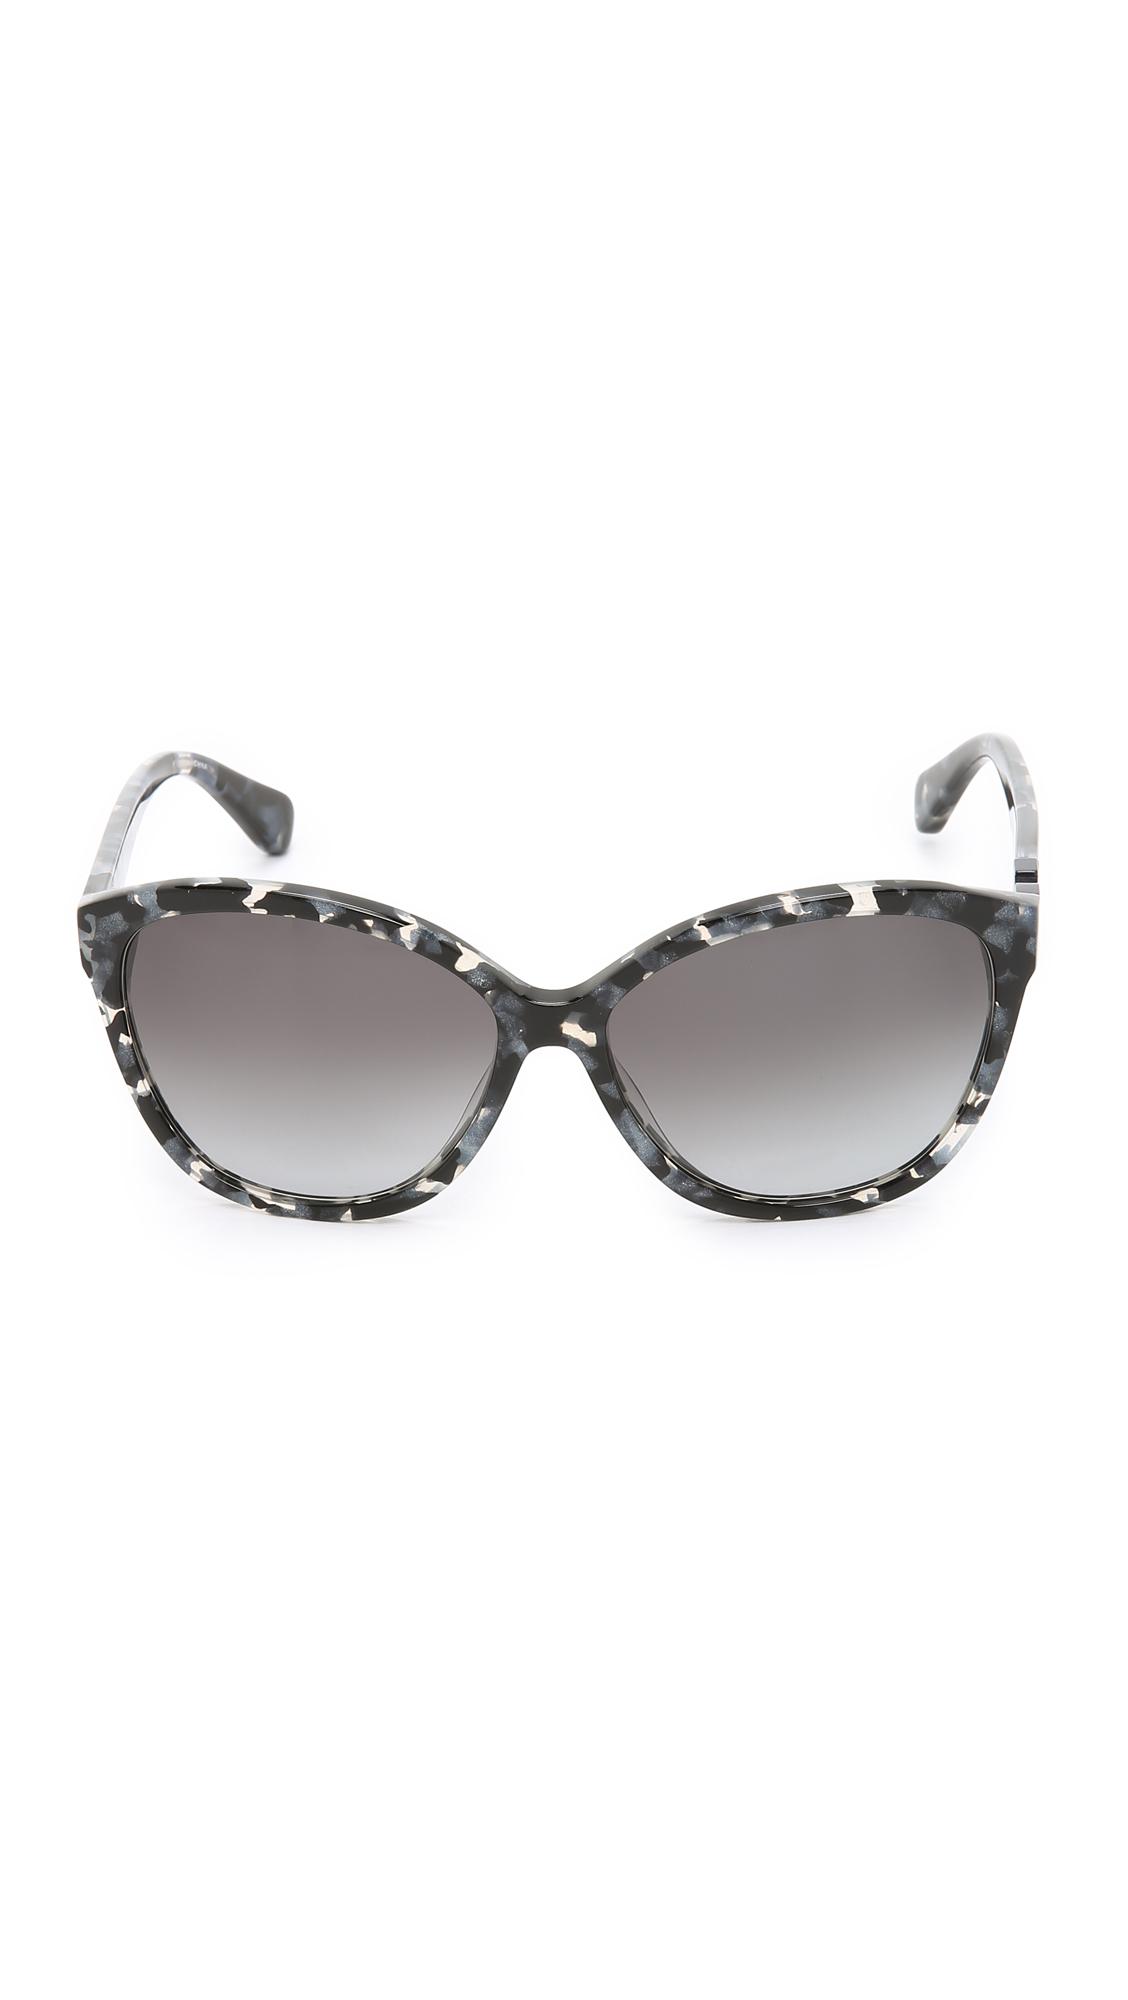 Diane Von Furstenberg Harper Sunglasses in Gray - Lyst